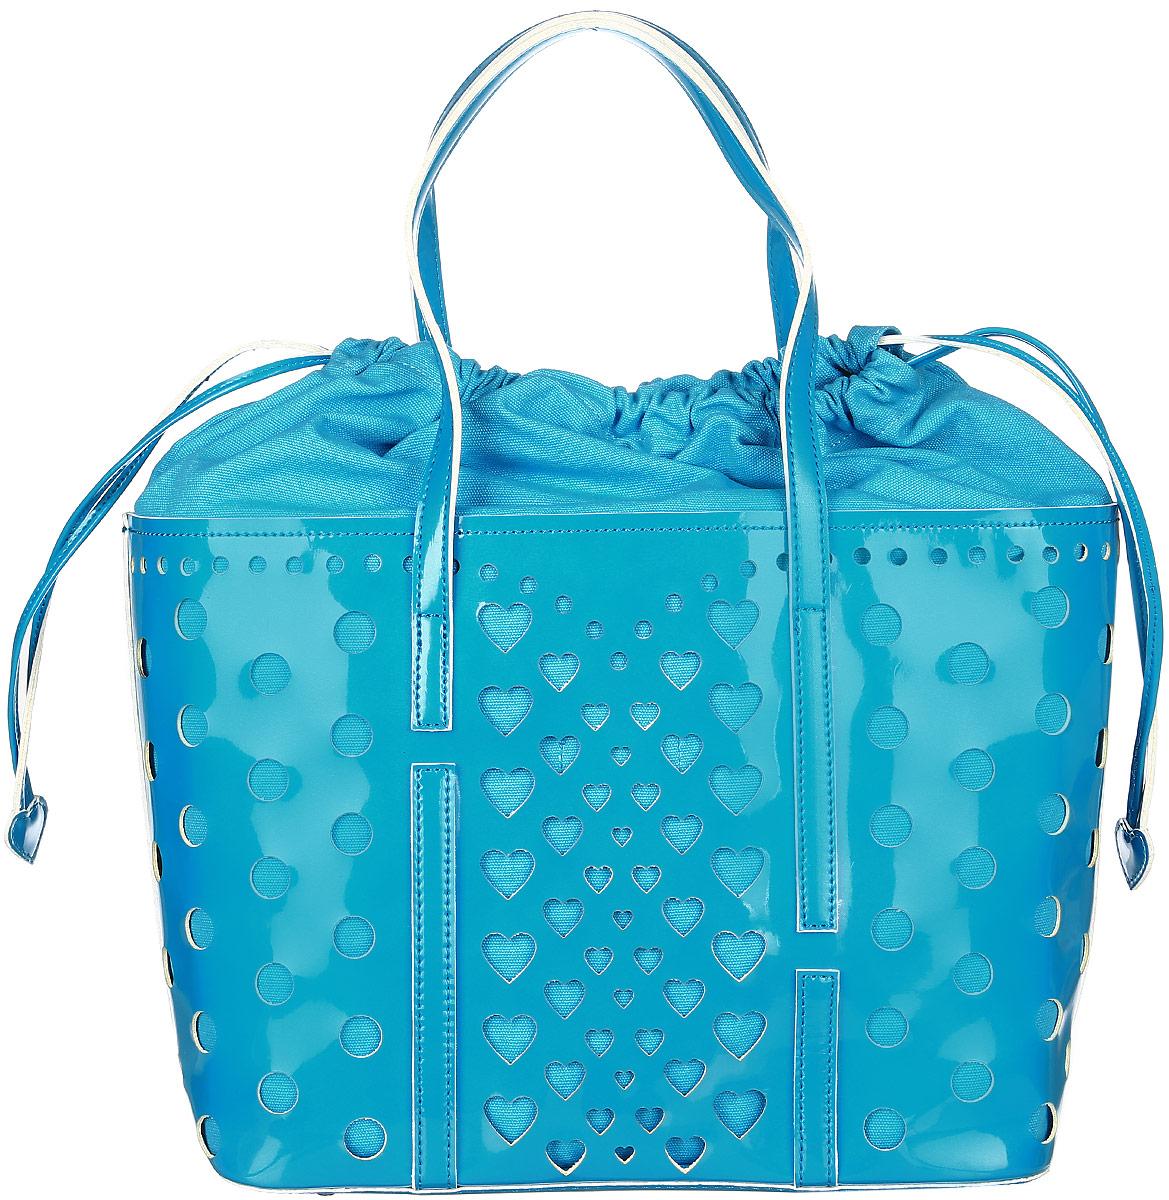 Сумка женская Vittorio Richi, цвет: голубой. 913140913140 azzurroСумка из экокожи с перфорацией. Внутри текстильный мешок на затяжках. Высота ручек 21см.